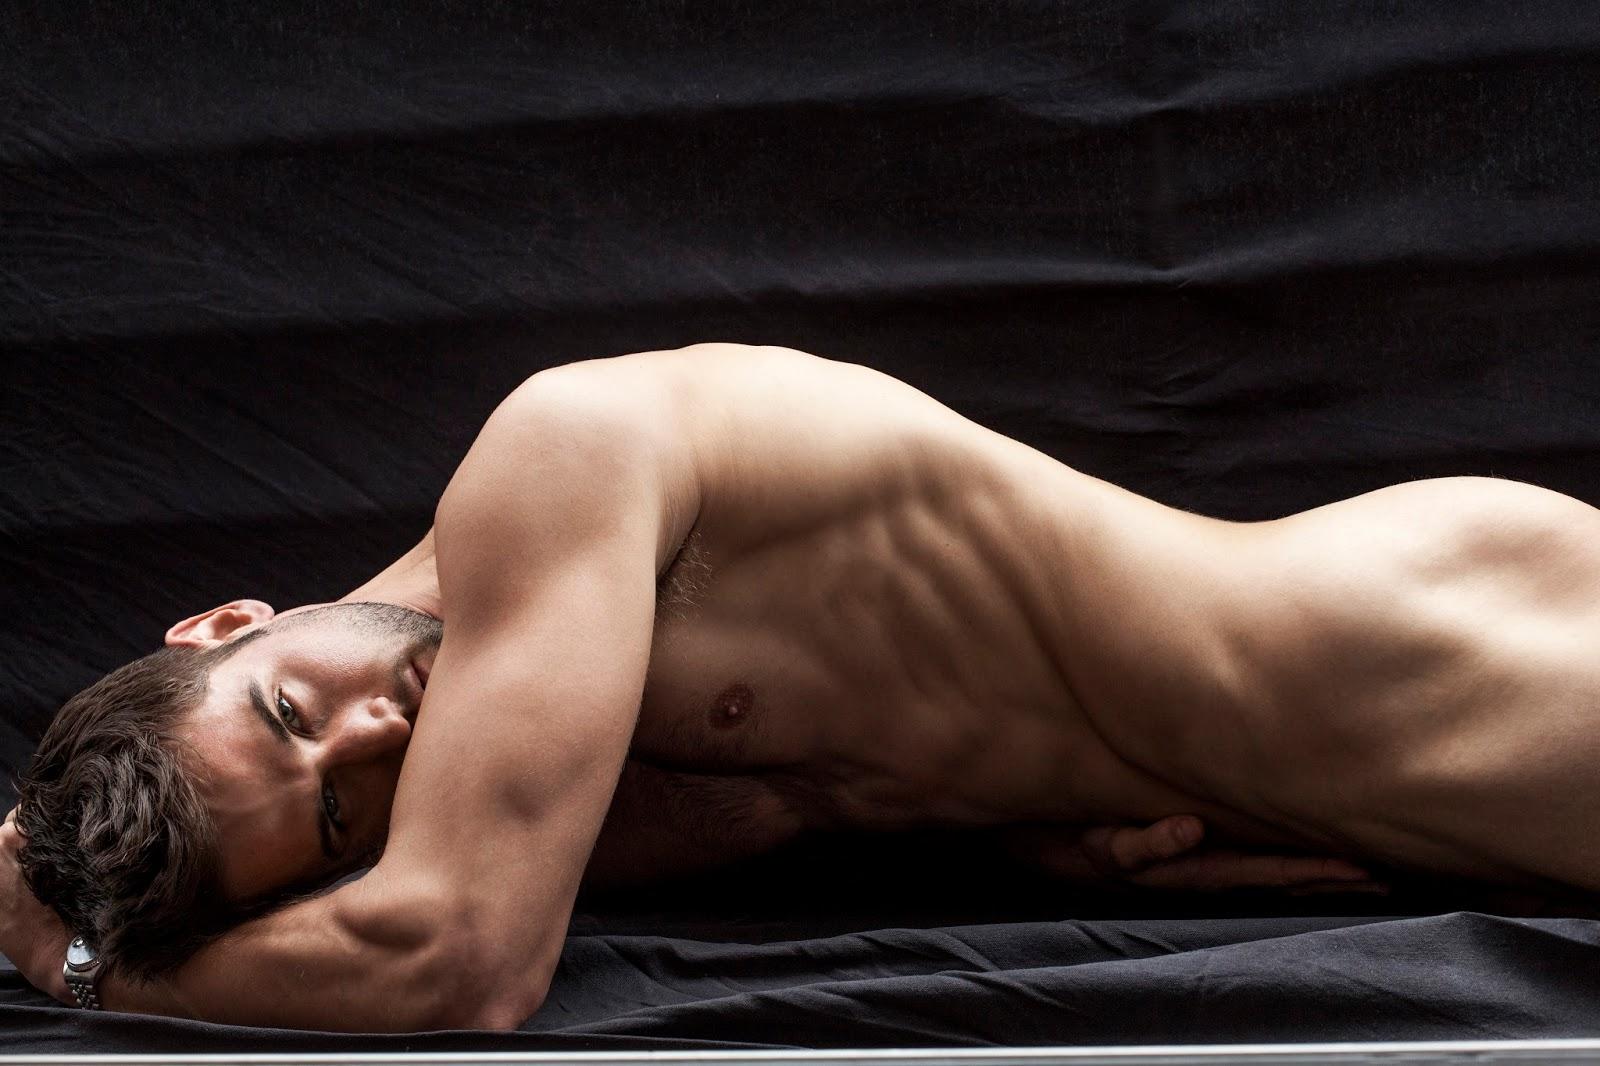 Фото голых красивы мужчин без однжды